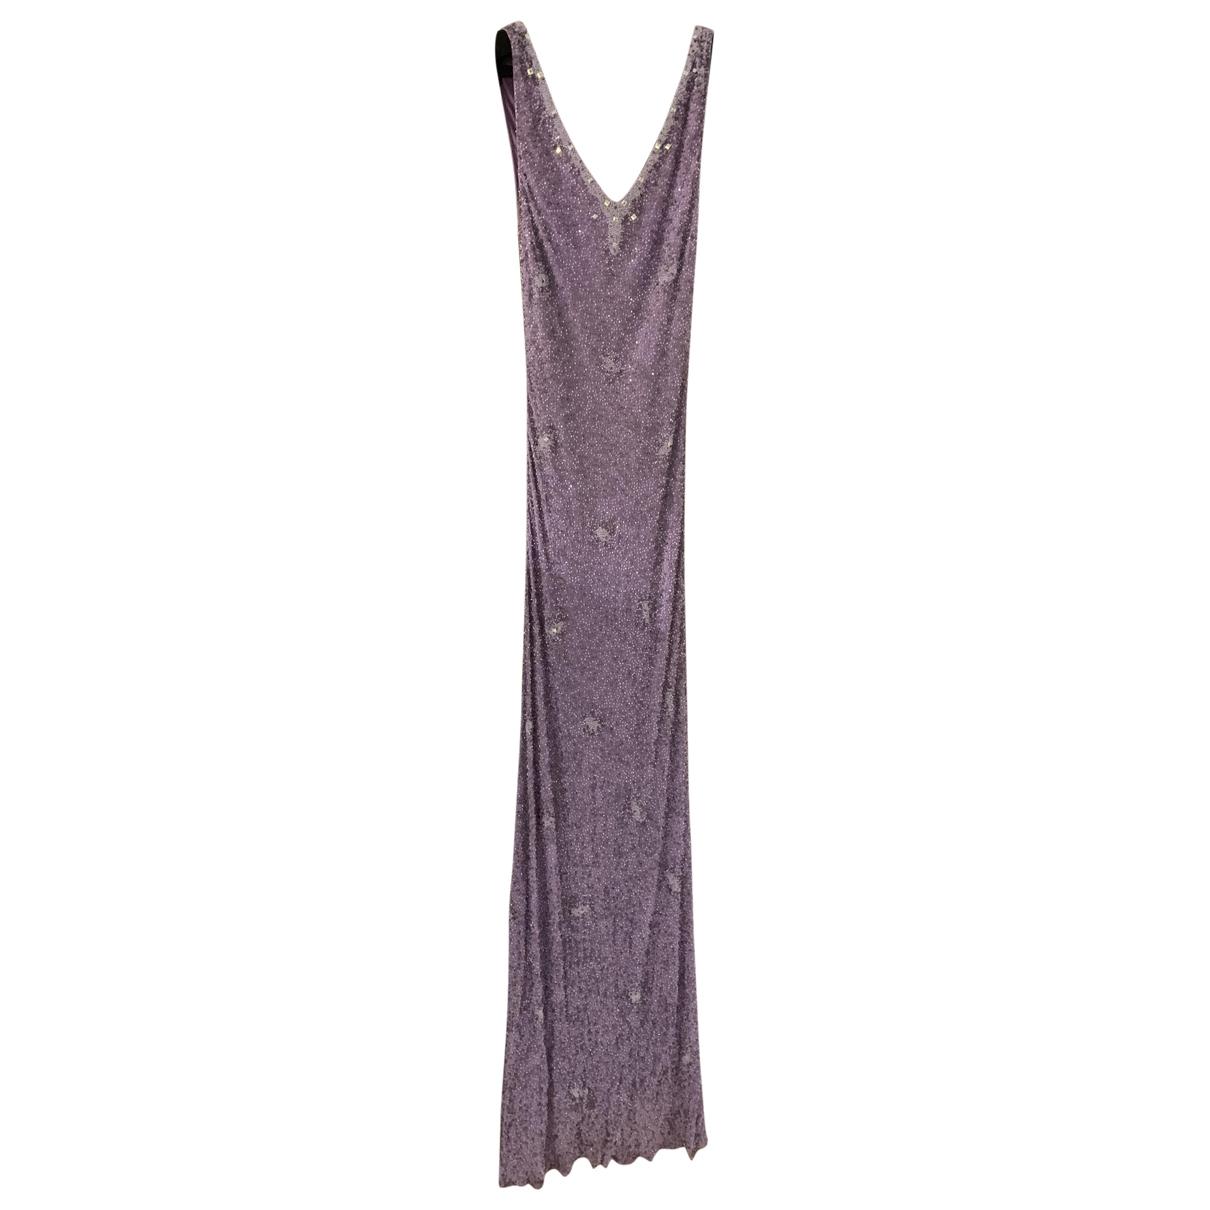 Jenny Packham - Robe   pour femme en a paillettes - violet